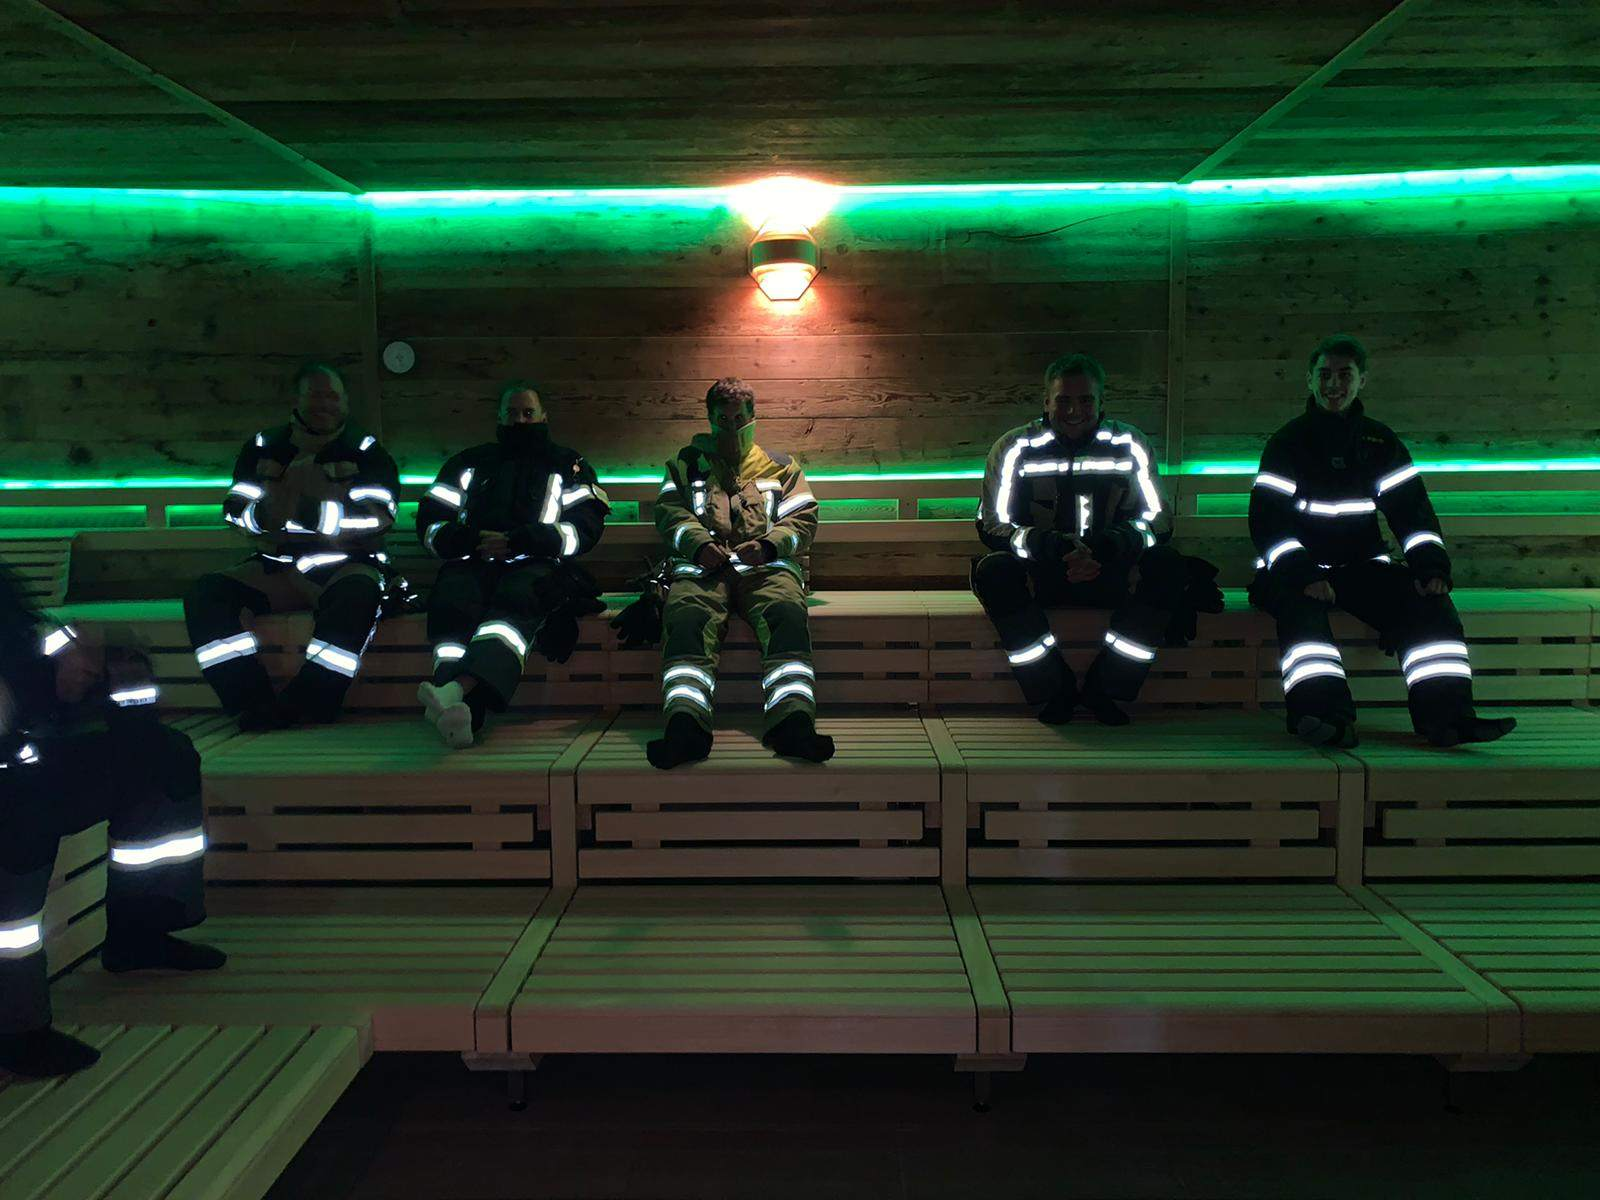 Wärmetest in der Sauna des Aquatoll bei 80 °C